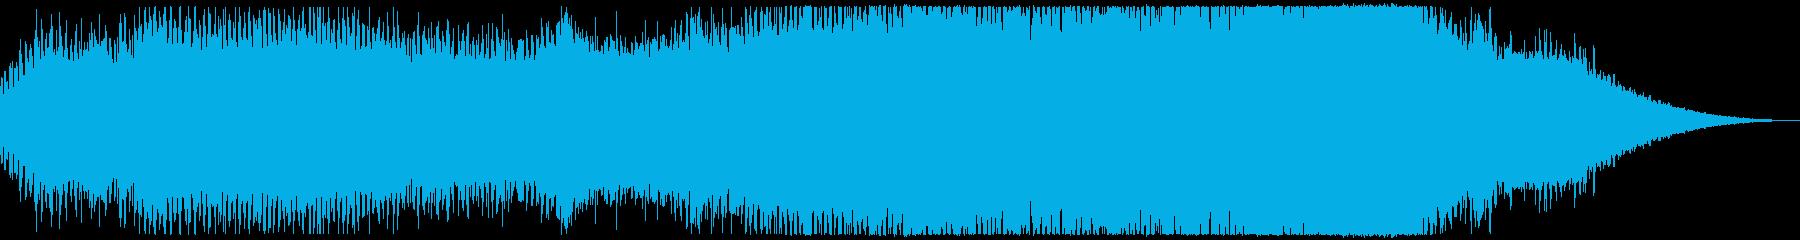 神秘的な感じのするアンビエントの再生済みの波形